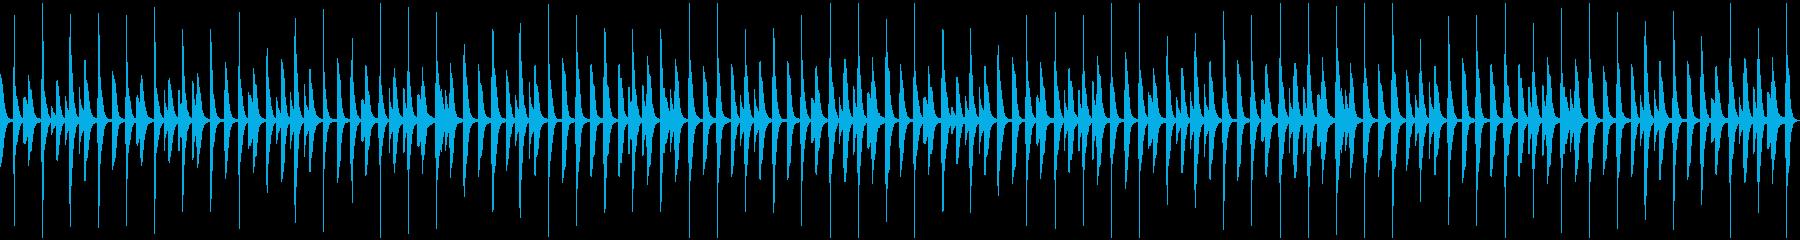 かわいい雰囲気のBGMの再生済みの波形